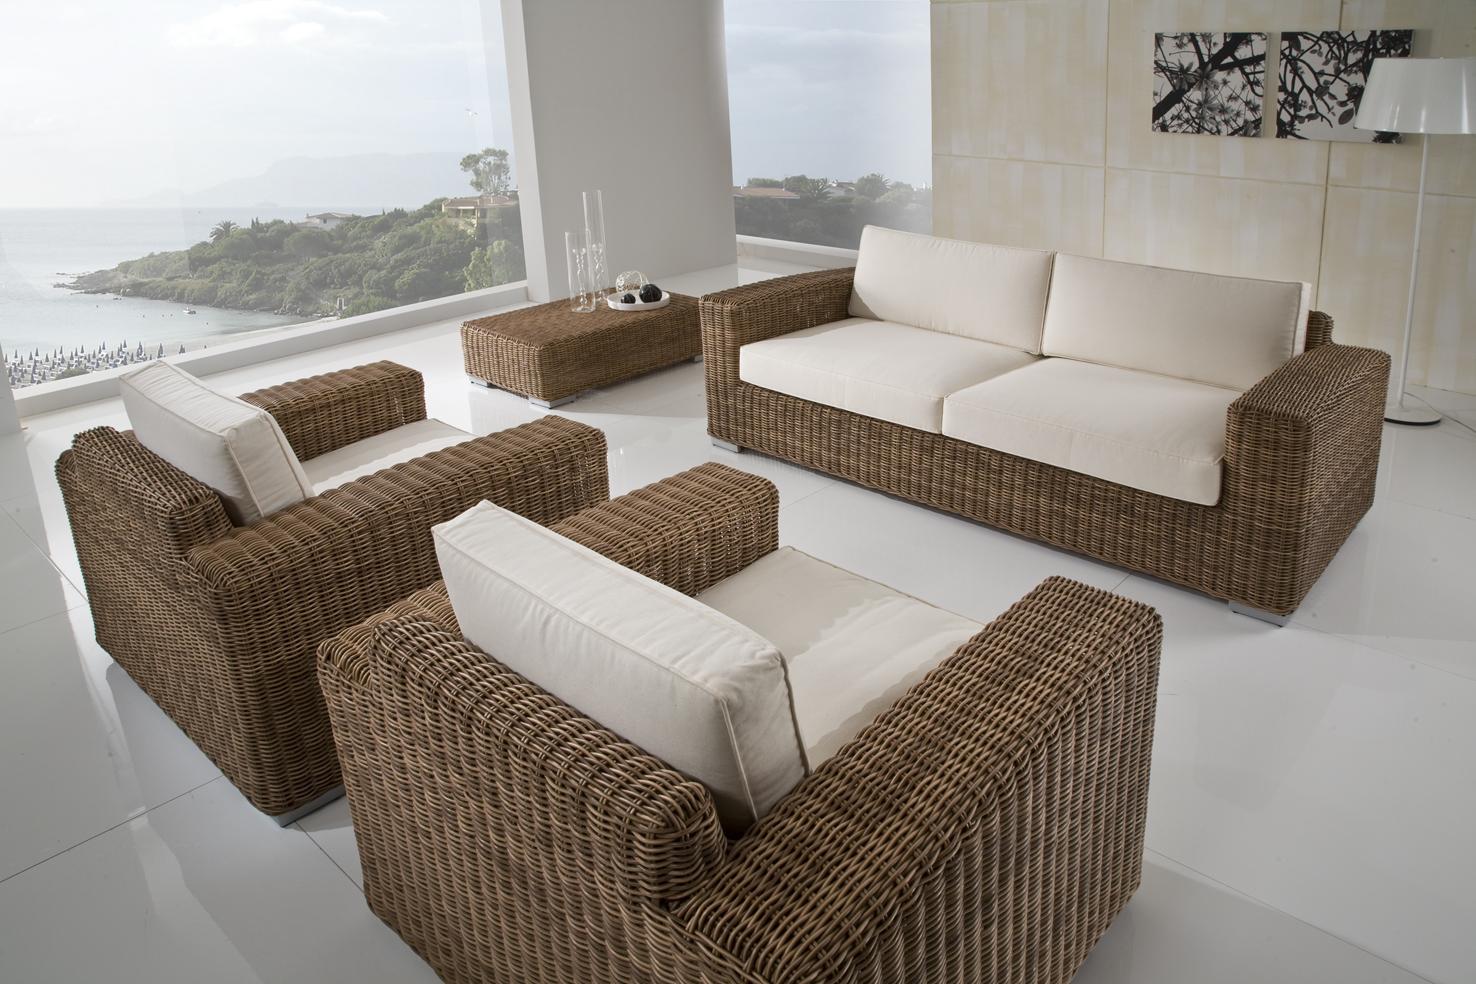 Casa immobiliare accessori salotti da esterno offerte for Offerta mobili